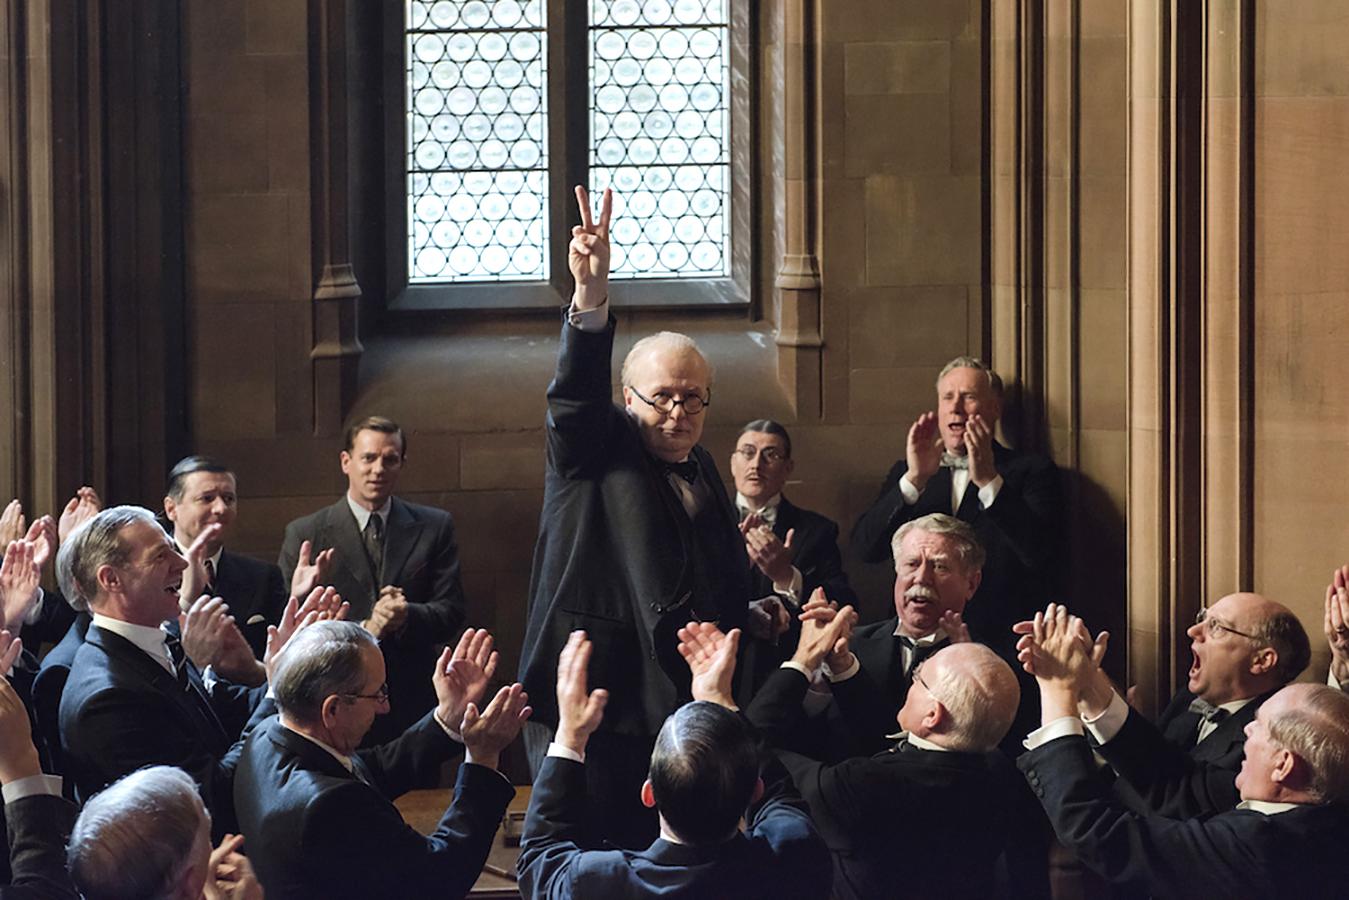 آنونس فیلم Darkest Hour: گری اولدمن در نقش وینستون چرچیل